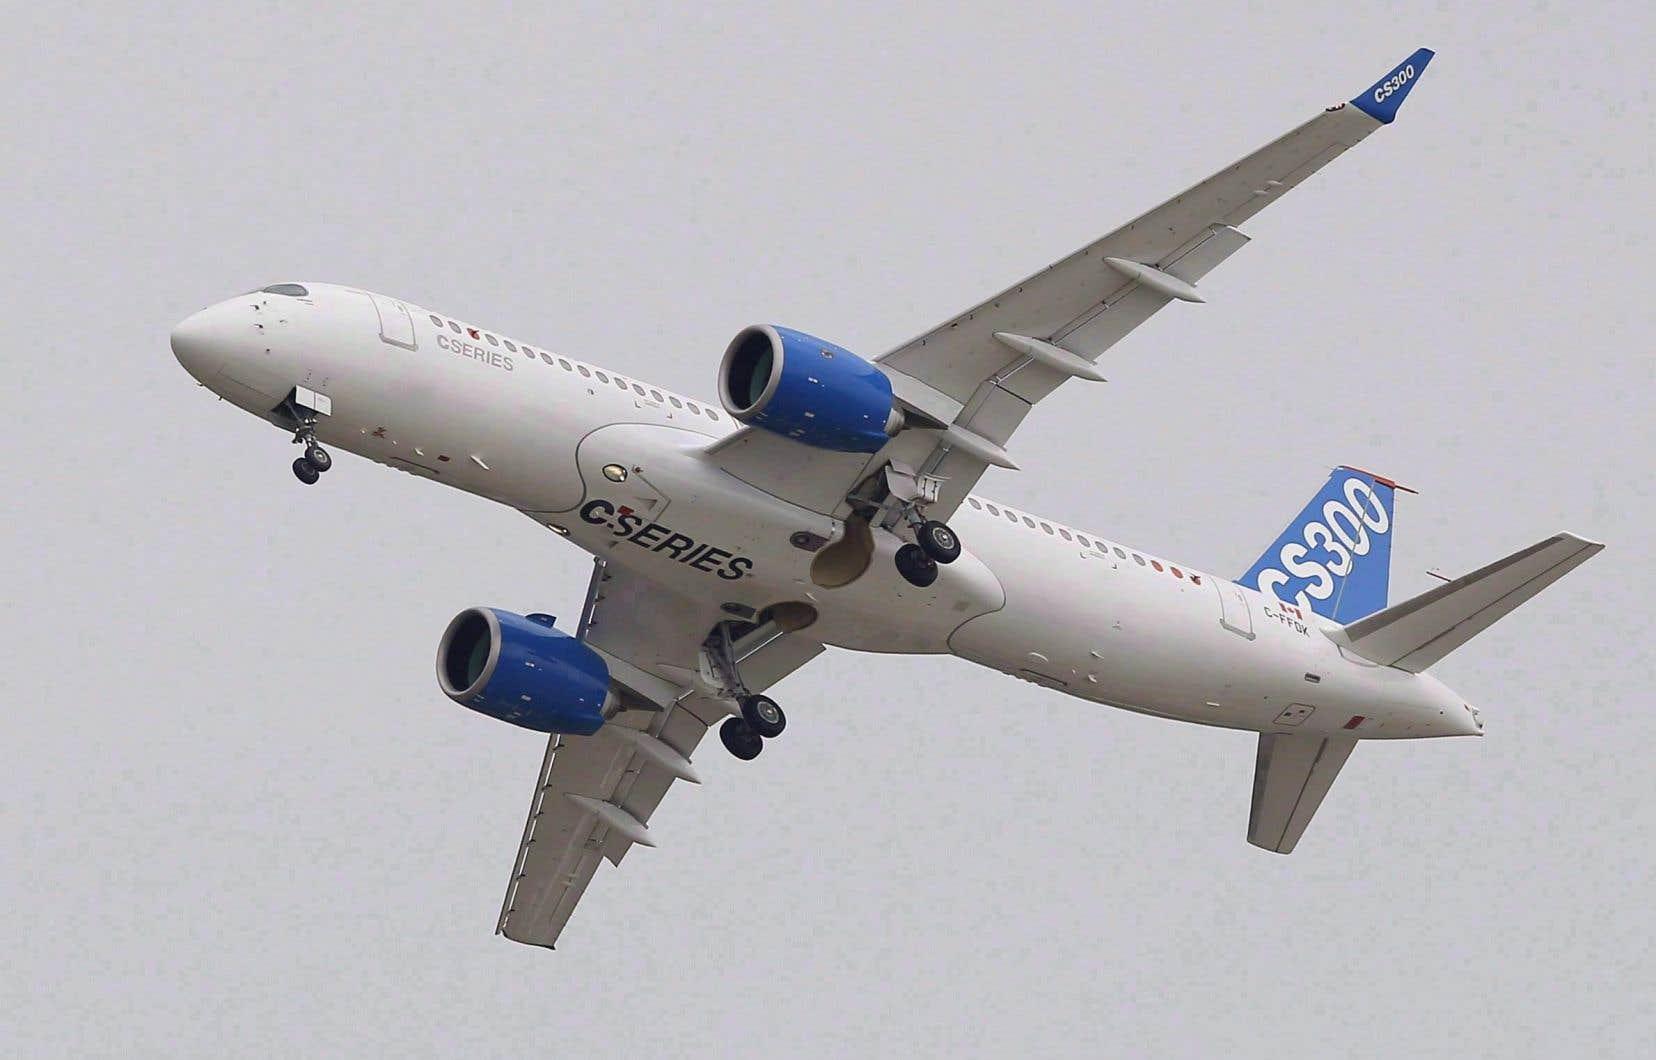 Afin d'obtenir des concessions au niveau des prix, Airbus compte faire miroiter une hausse des volumes découlant d'une accélération des ventes de la CSeries.